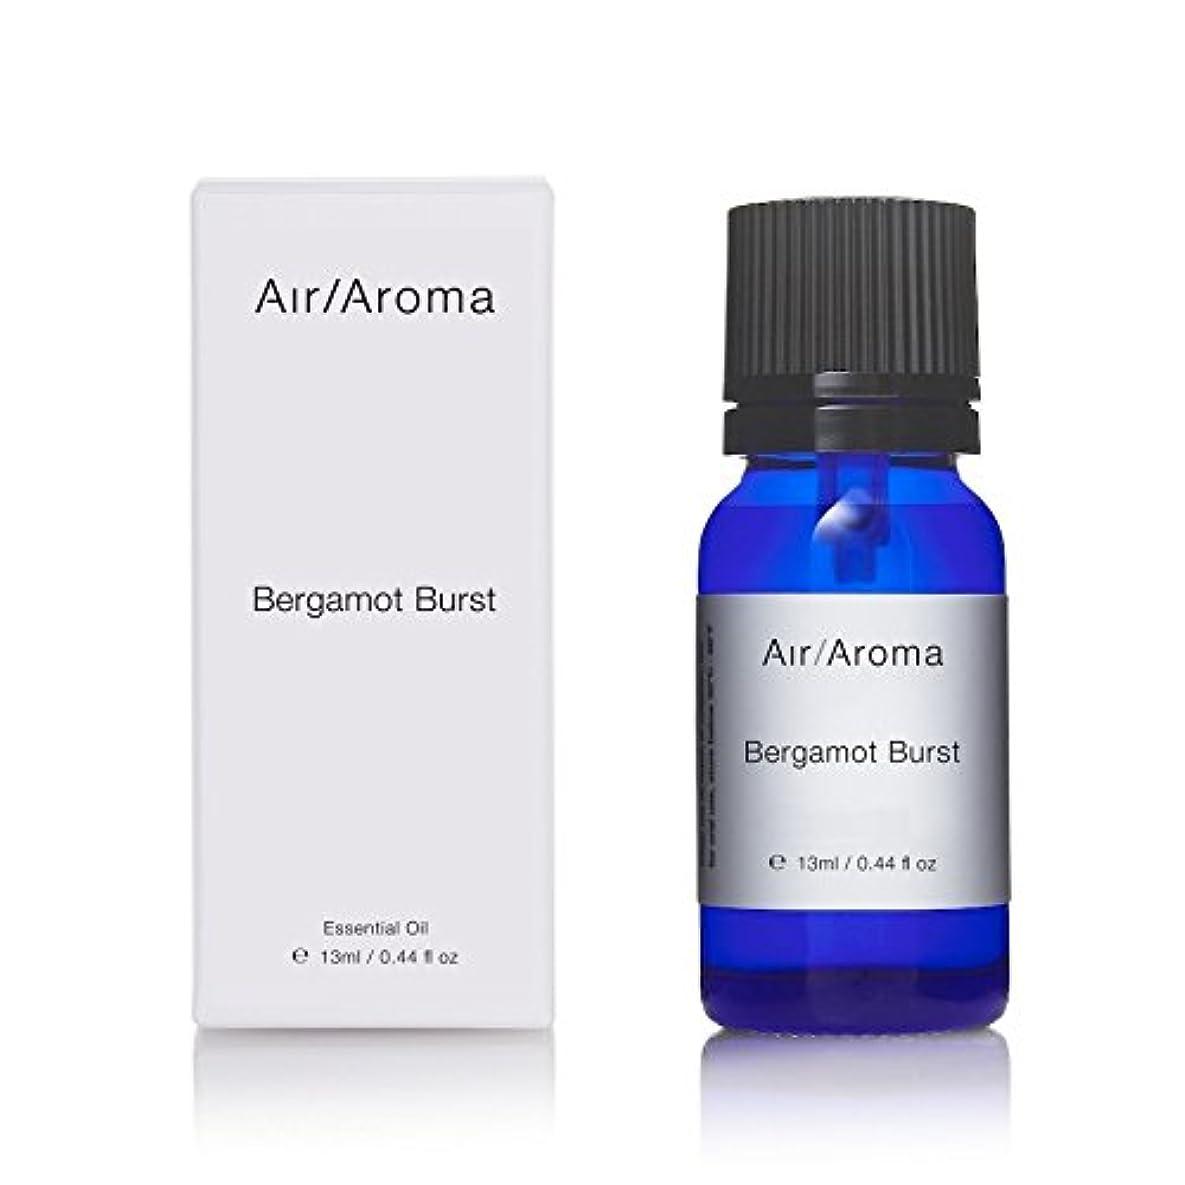 しみ石油歯痛エアアロマ bergamot burst (ベルガモットバースト) 13ml